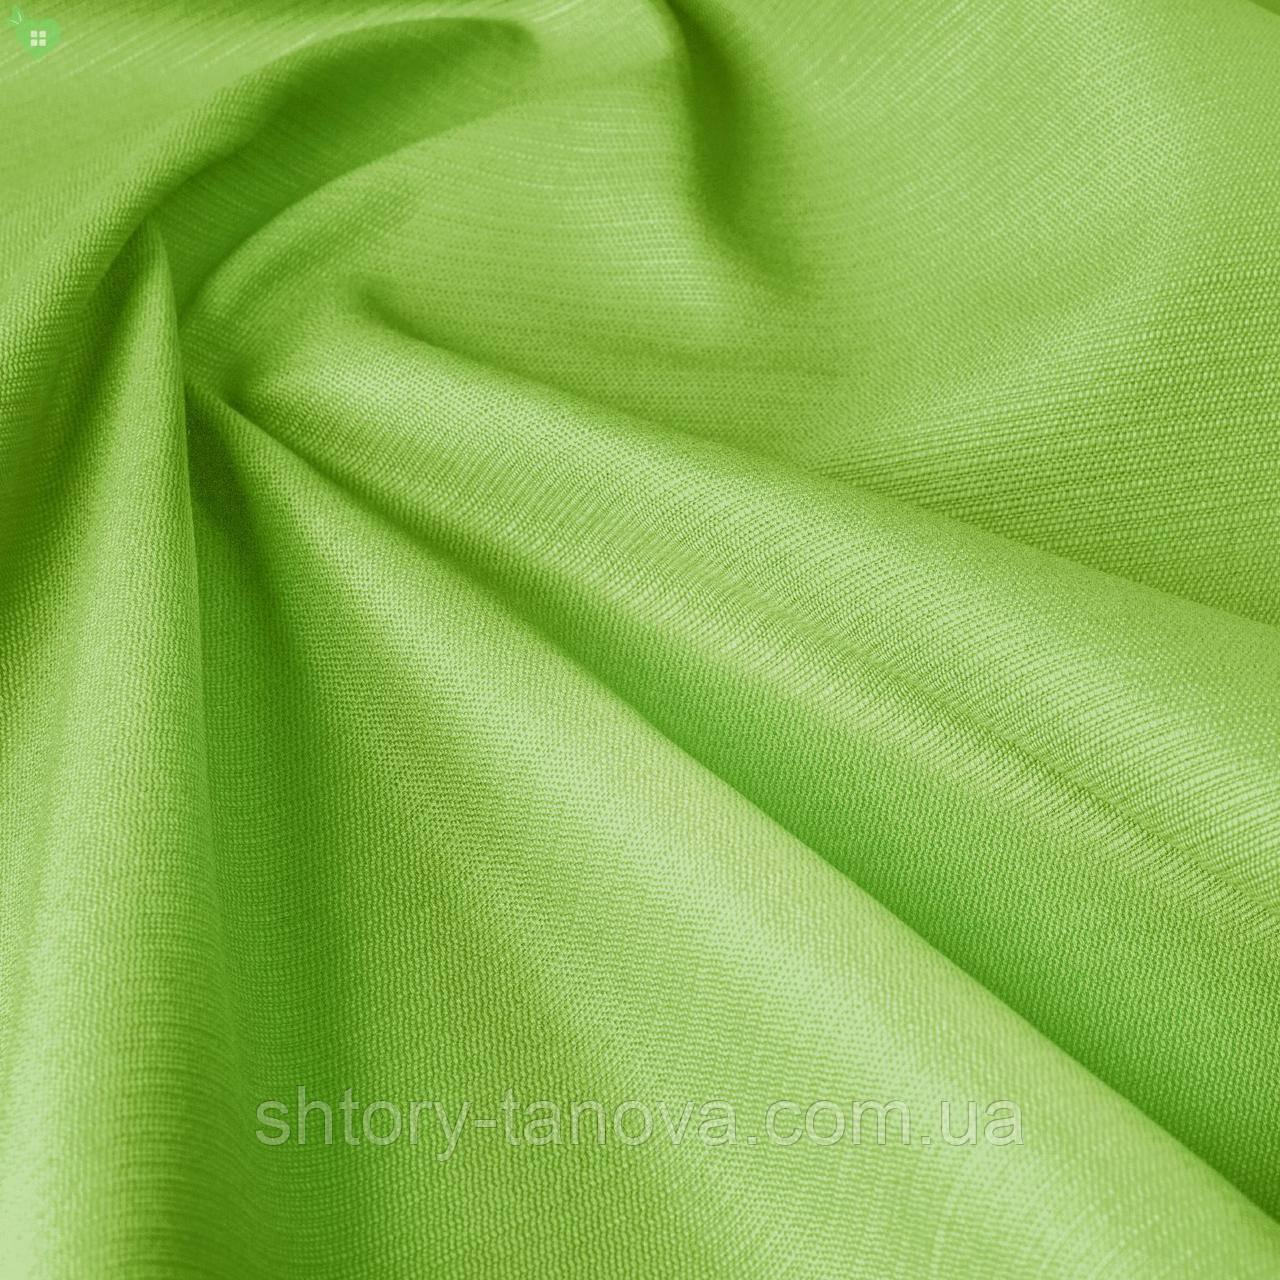 Вулична фактурна тканина зеленого кольору для альтанки і веранди